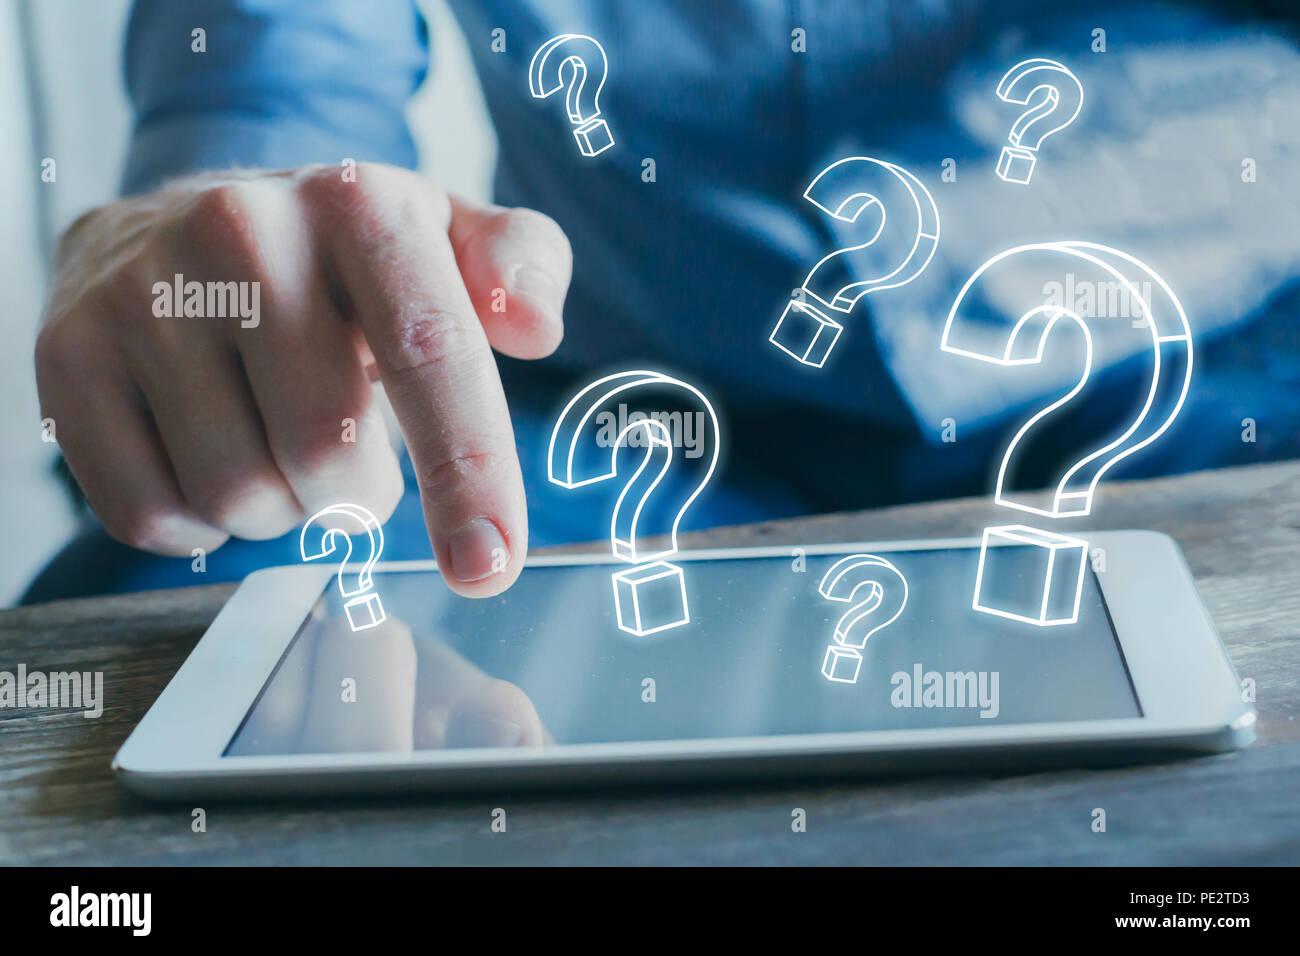 De nombreuses marques quiestion à partir de l'écran de l'ordinateur tablette, trouver de réponse en ligne, FAQ Concept, quoi où quand comment et pourquoi, l'information en matière de recherche sur internet Banque D'Images